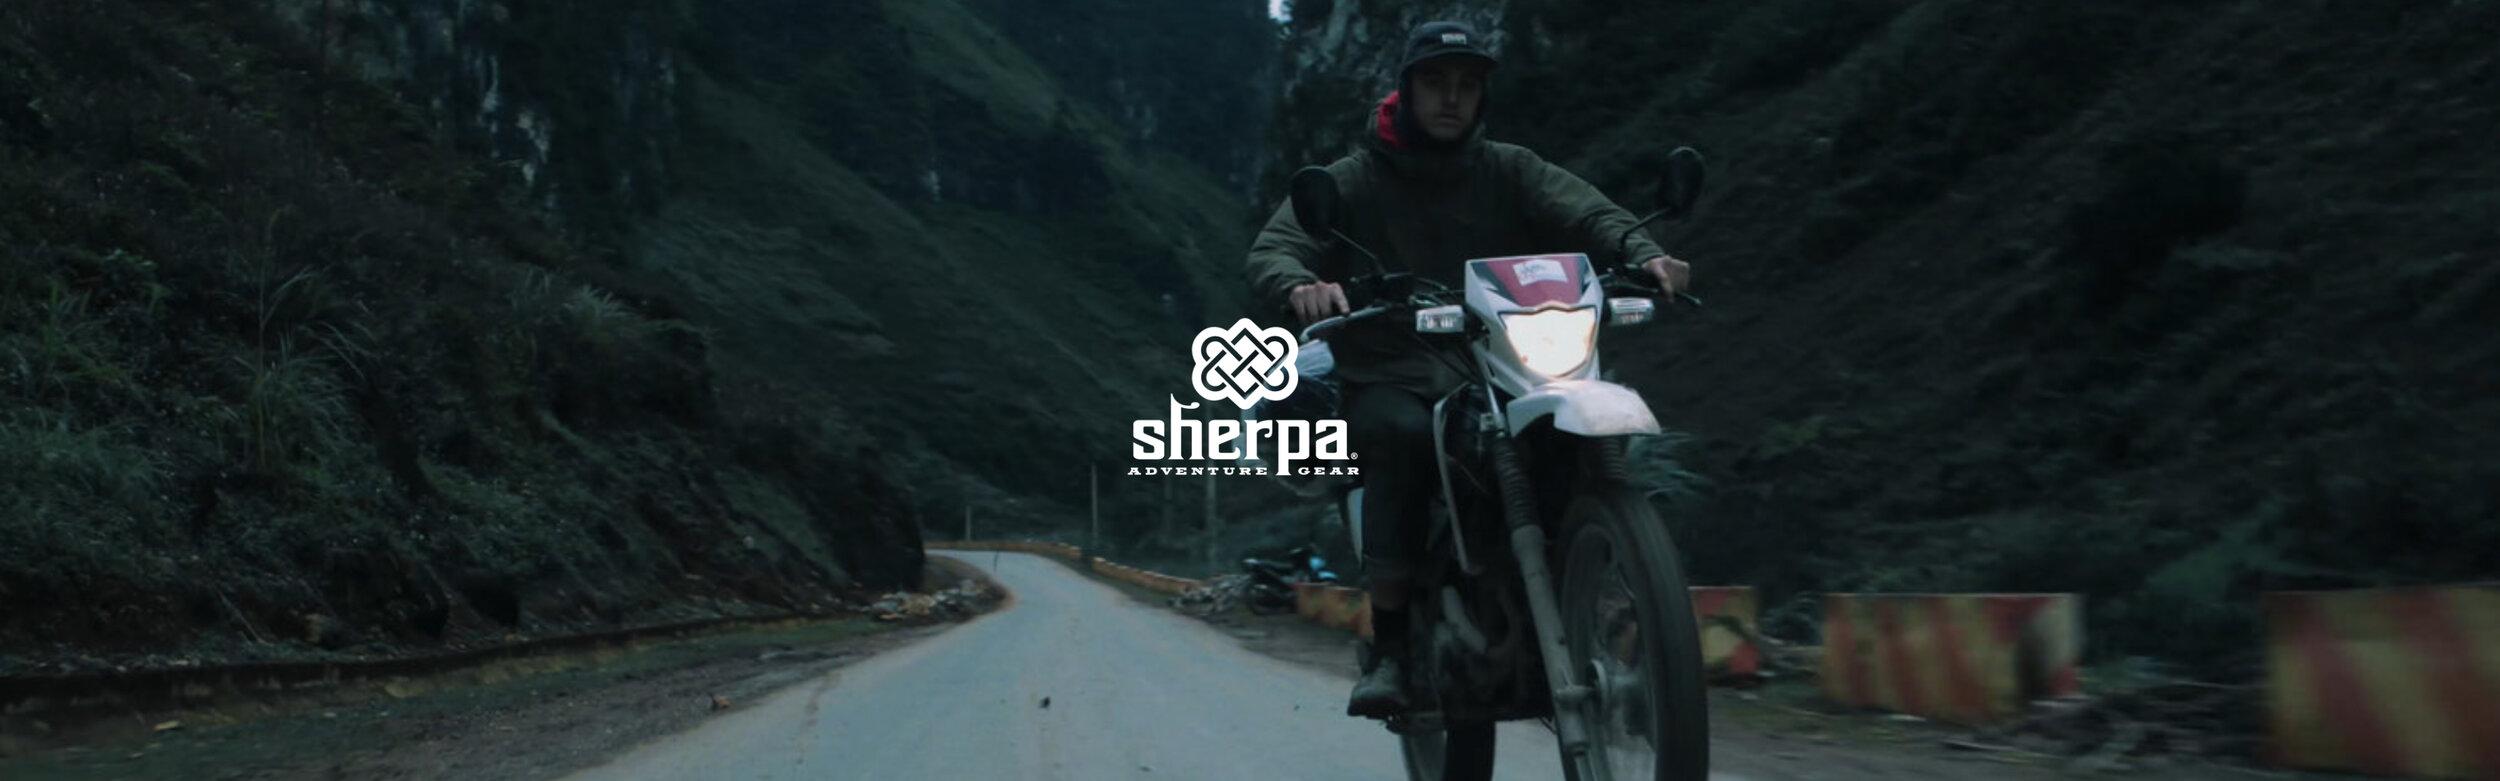 sherpa 2_00000.jpg